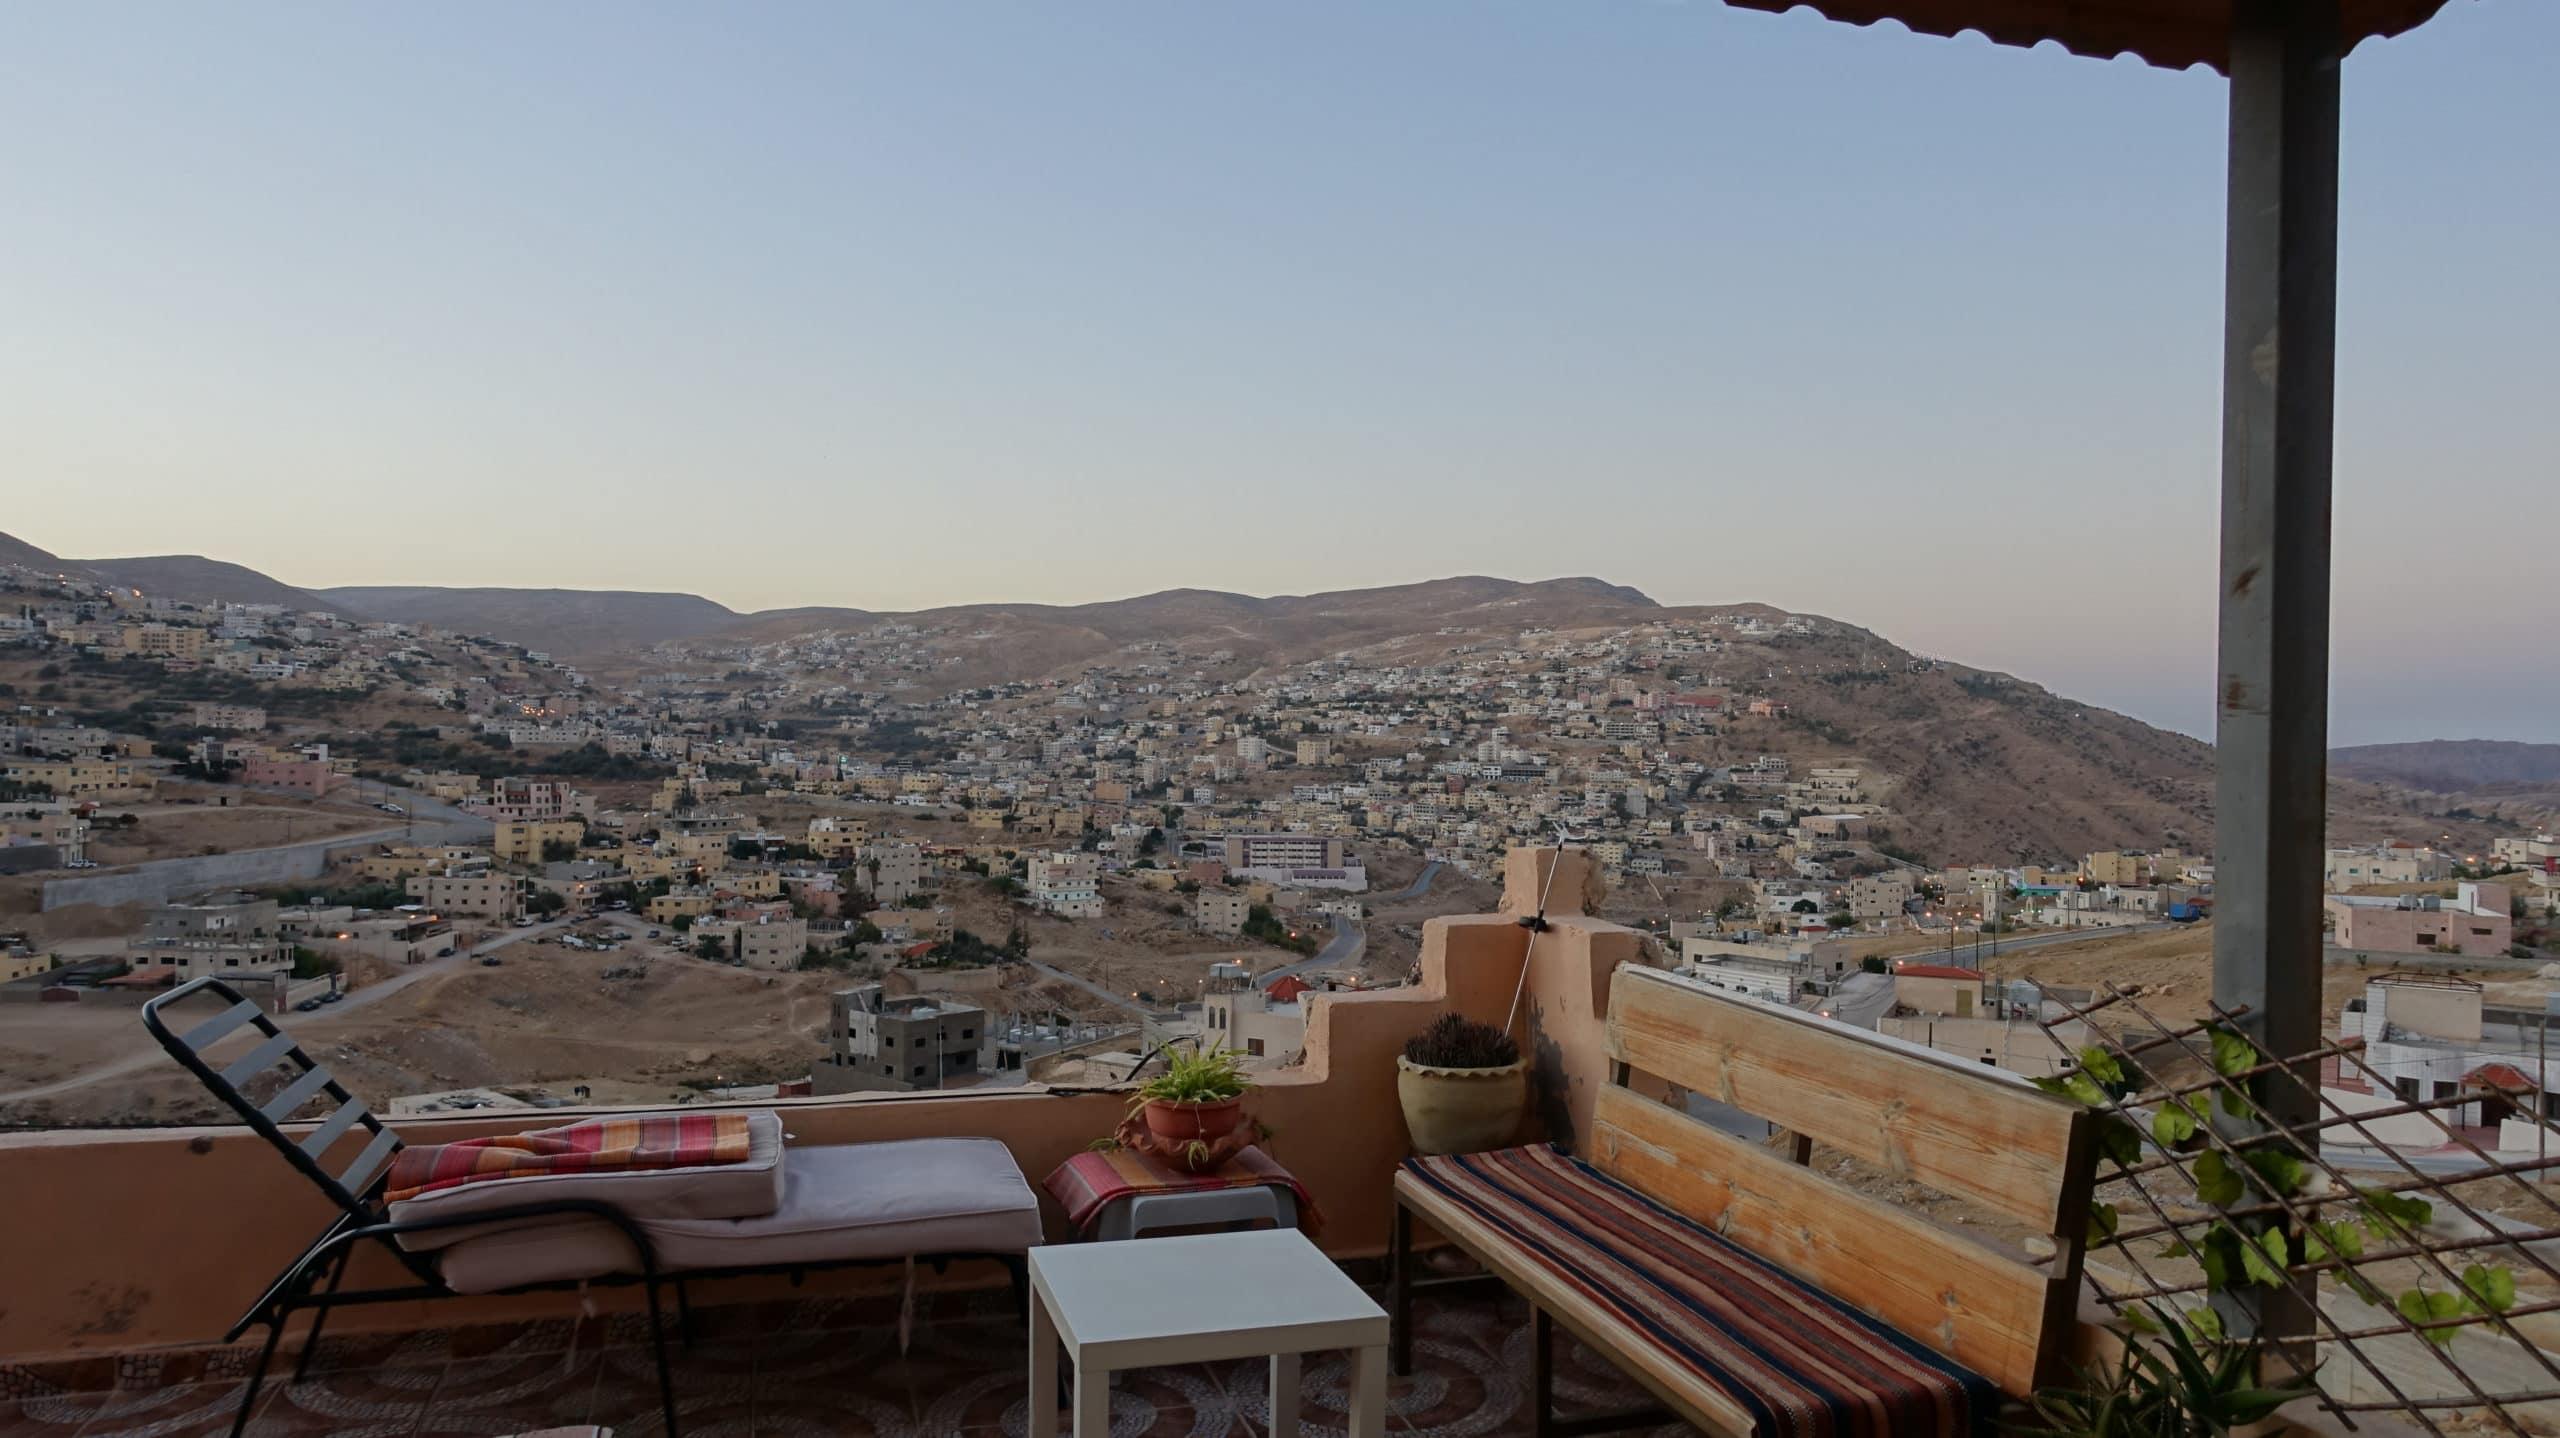 Aussicht von der Pension in Wadimusa in Jordanien